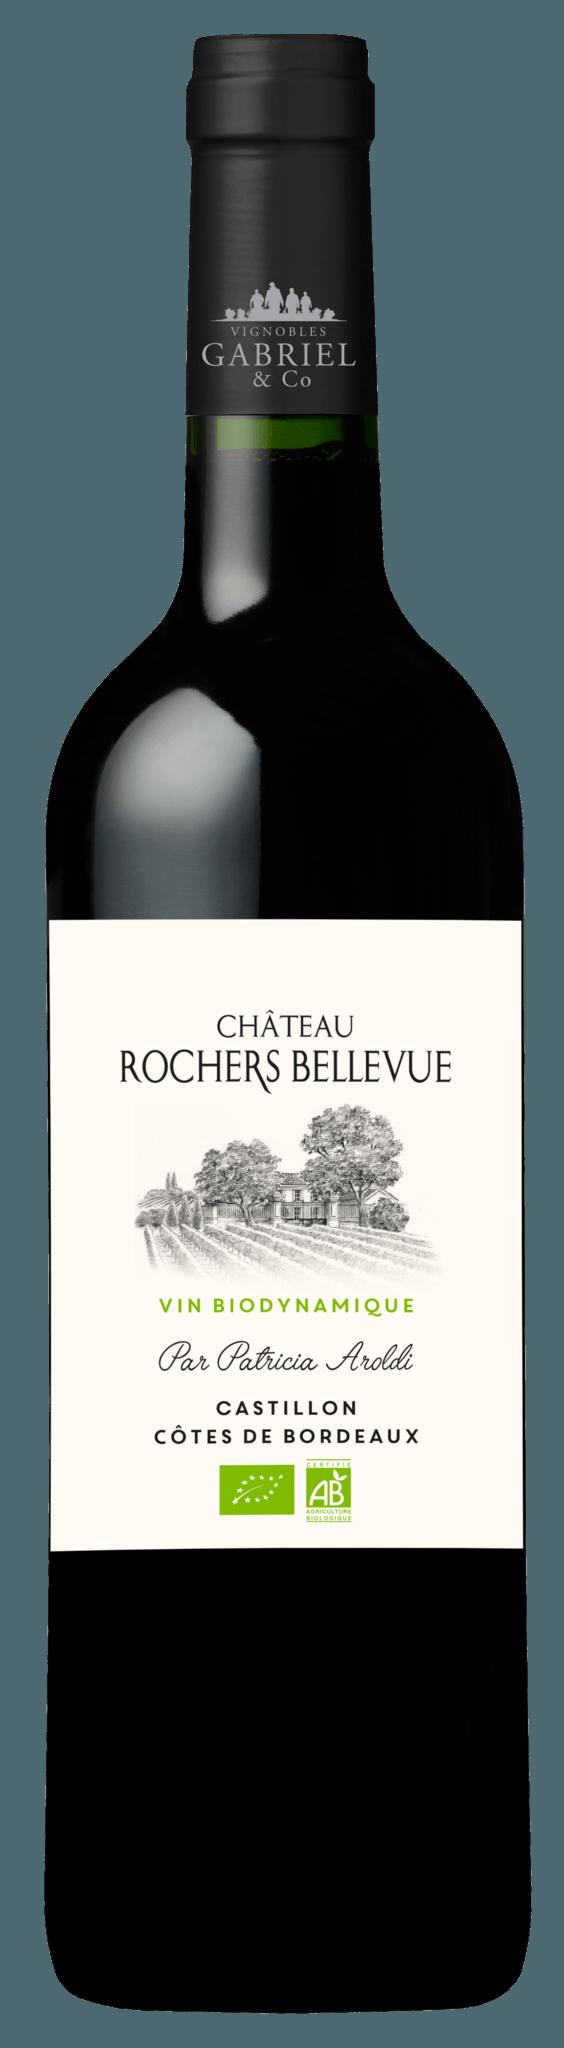 Château Rochers Bellevue